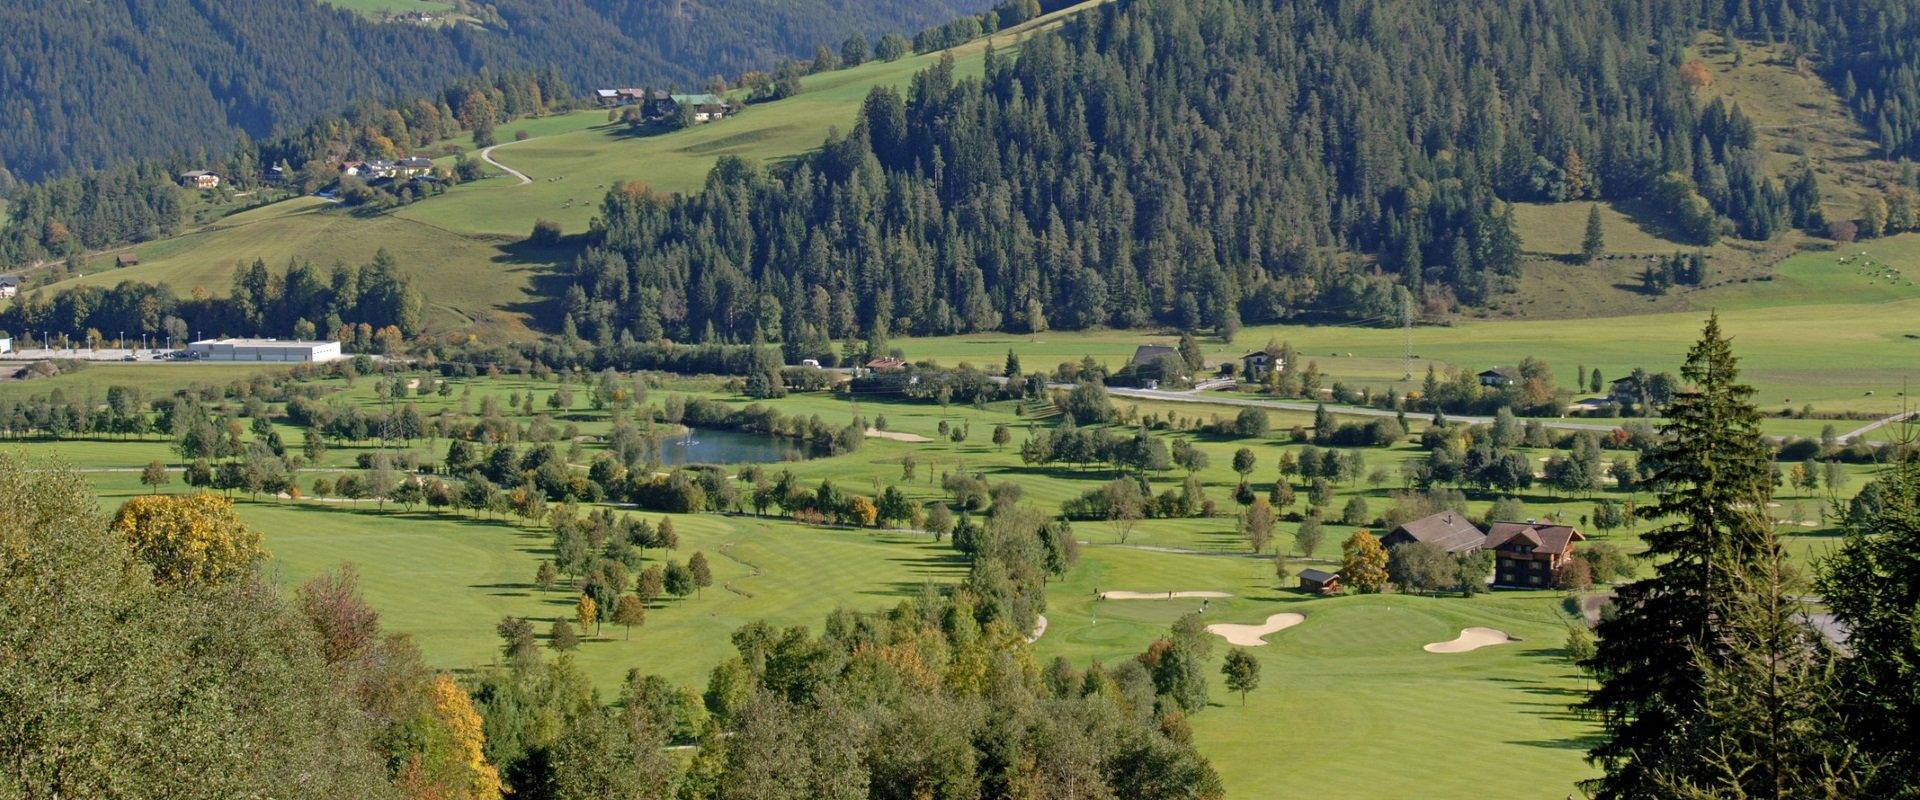 golfbaan-radstadt-oostenrijk